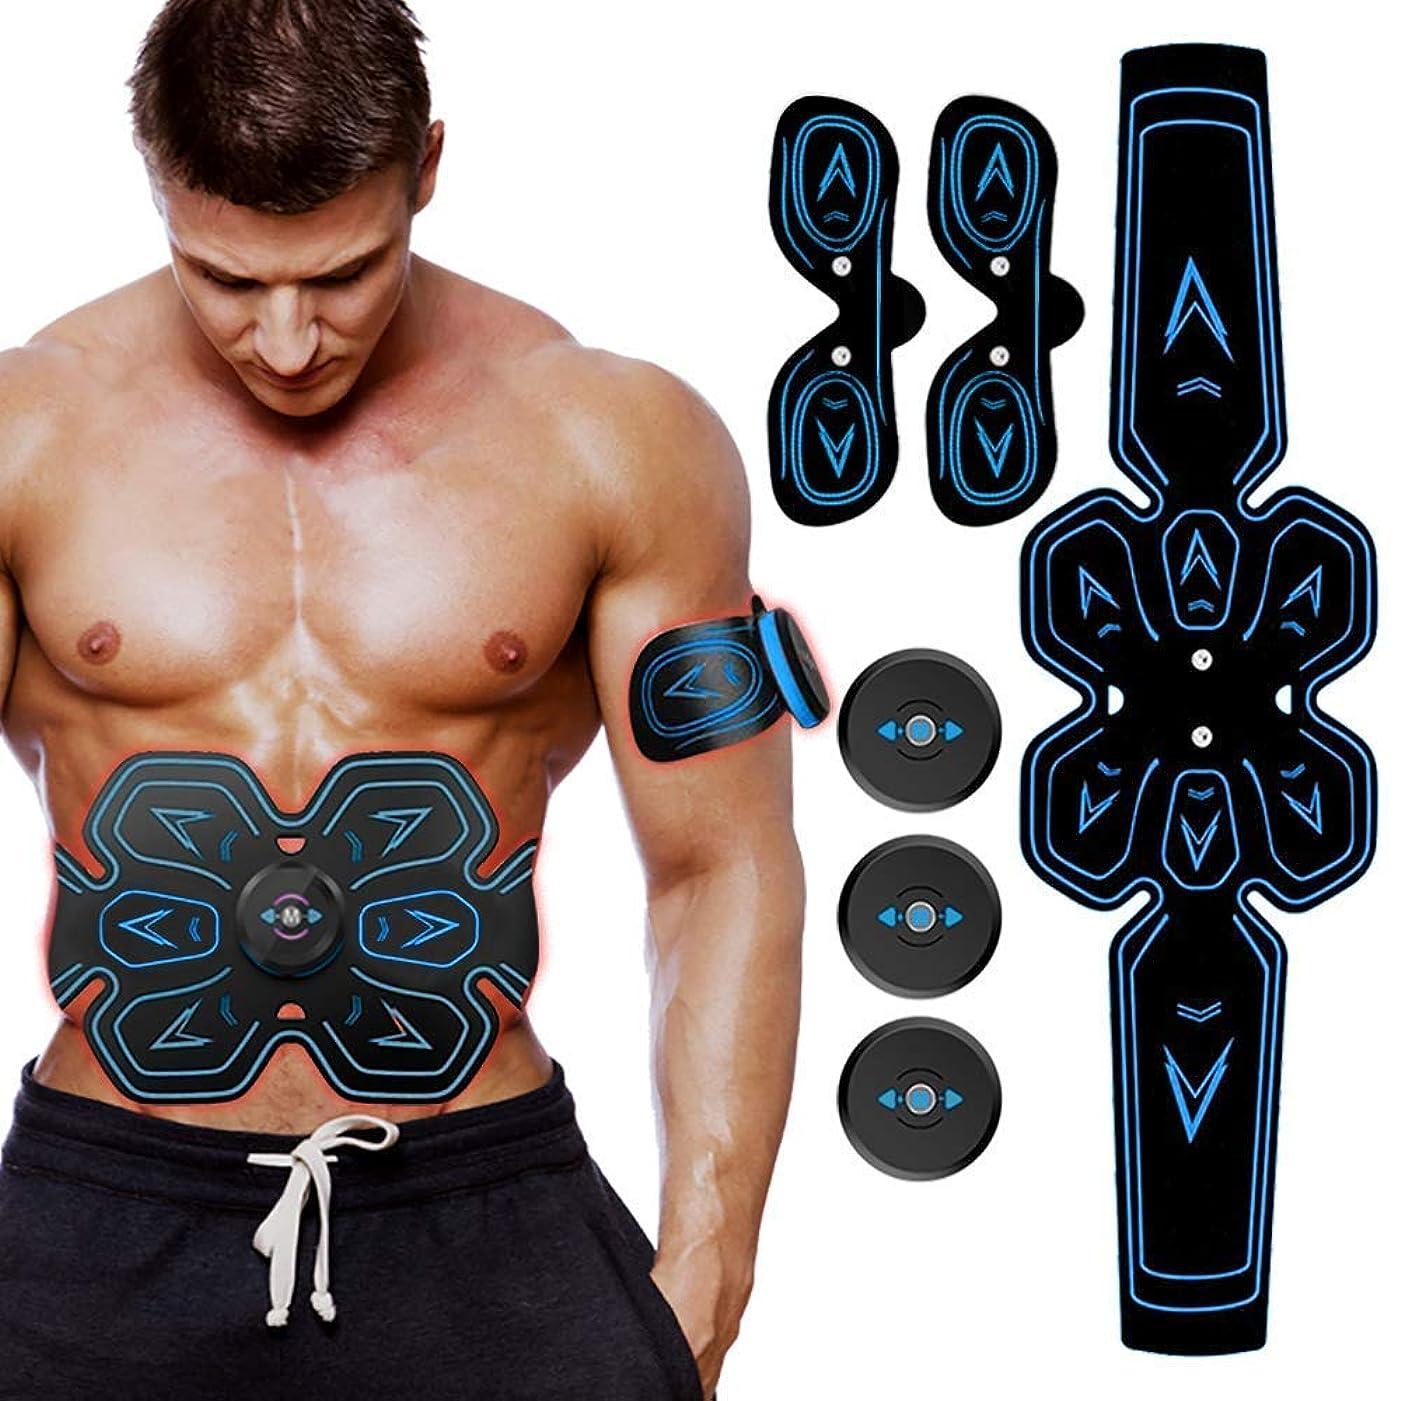 司書名義で言及する電気腹部筋肉刺激装置、ABSウエストトレーナーフィットネス減量体重減少マッサージャー用男性と女性の脂肪燃焼